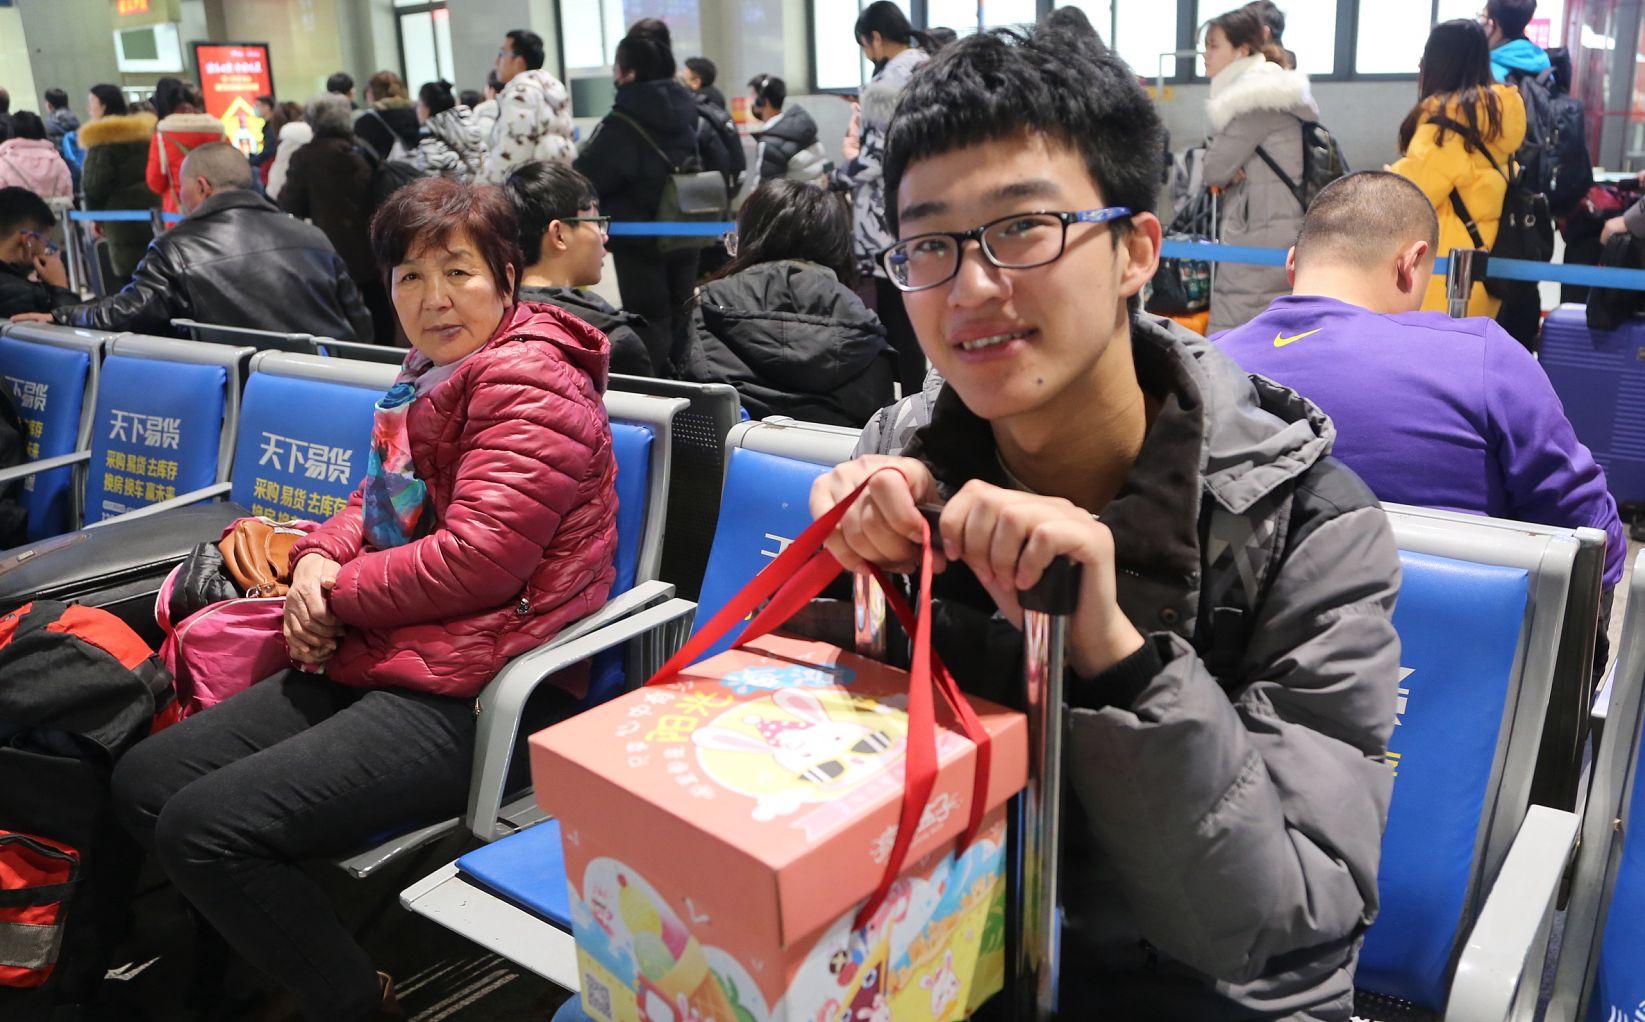 济南大学生春运返乡 烟酒、特产成归家礼物首选